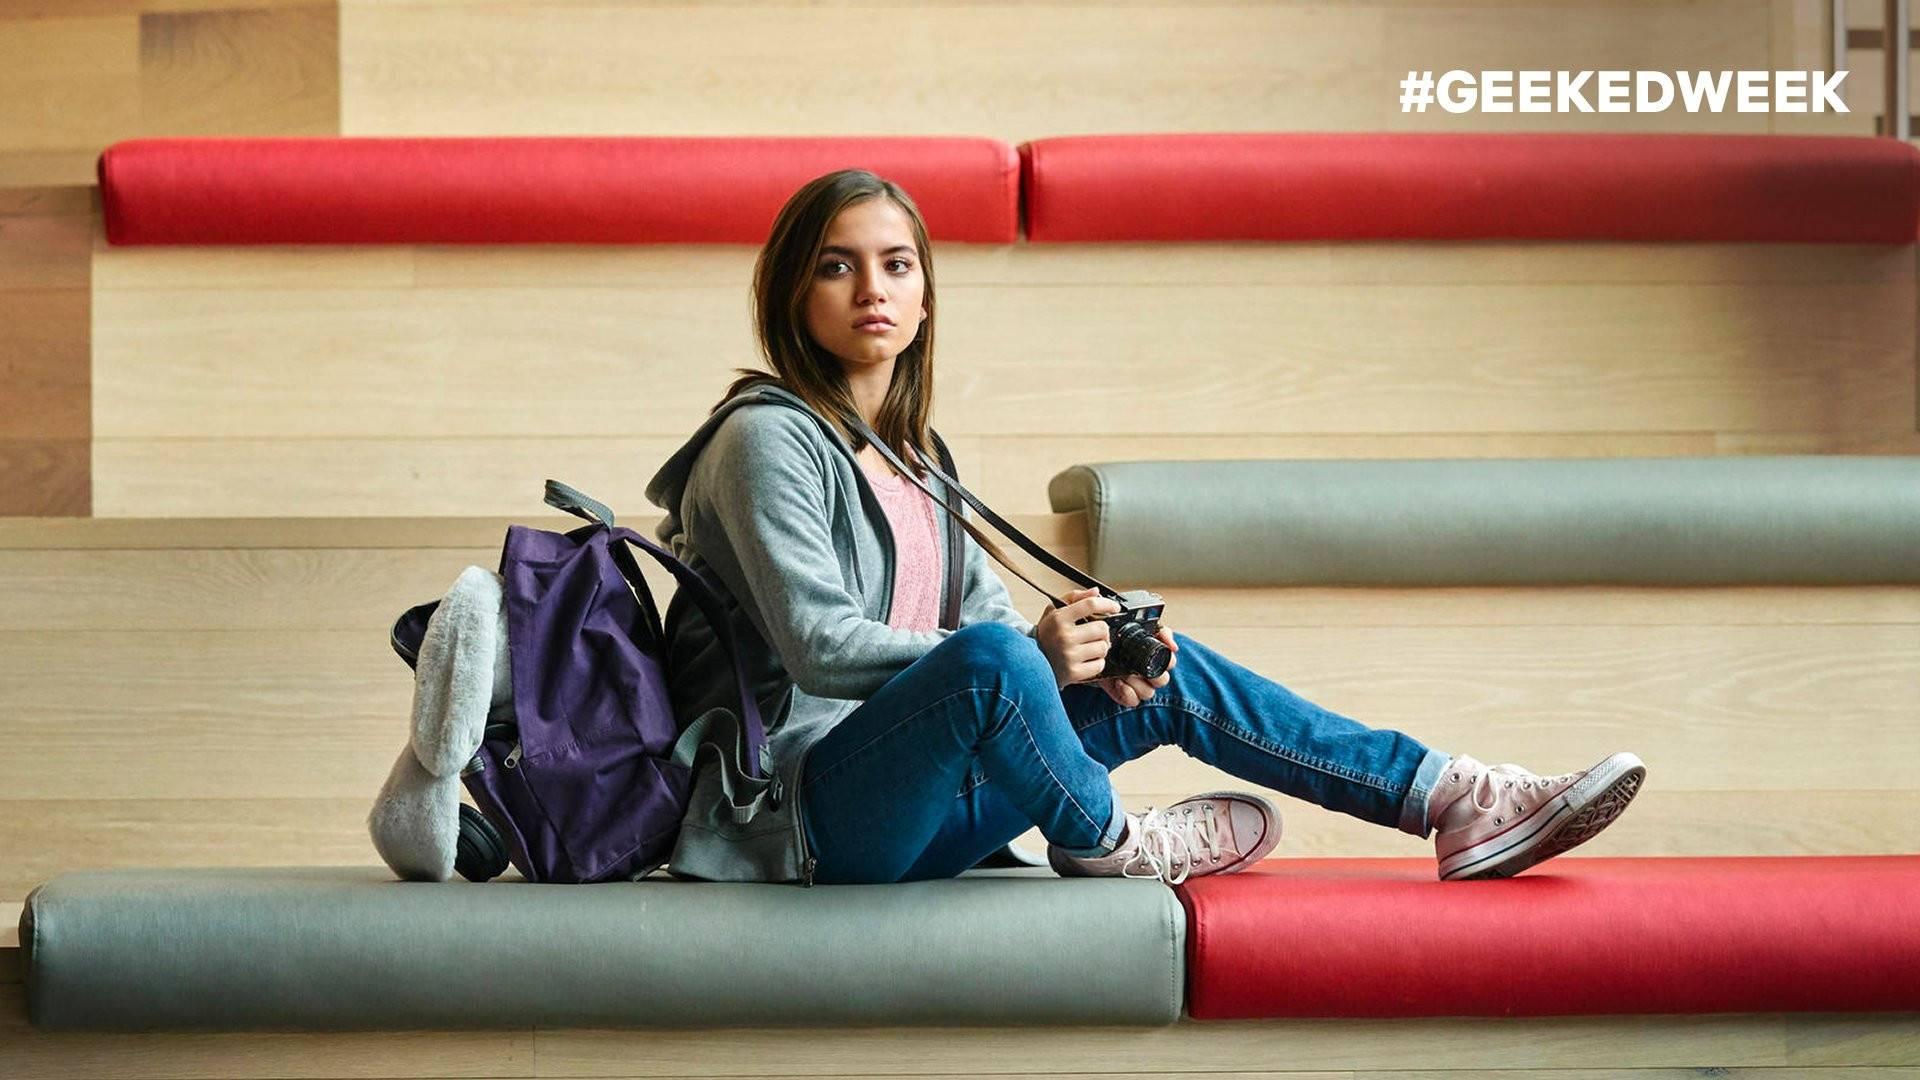 Смотрим первый день Geeked Week от Netflix 3